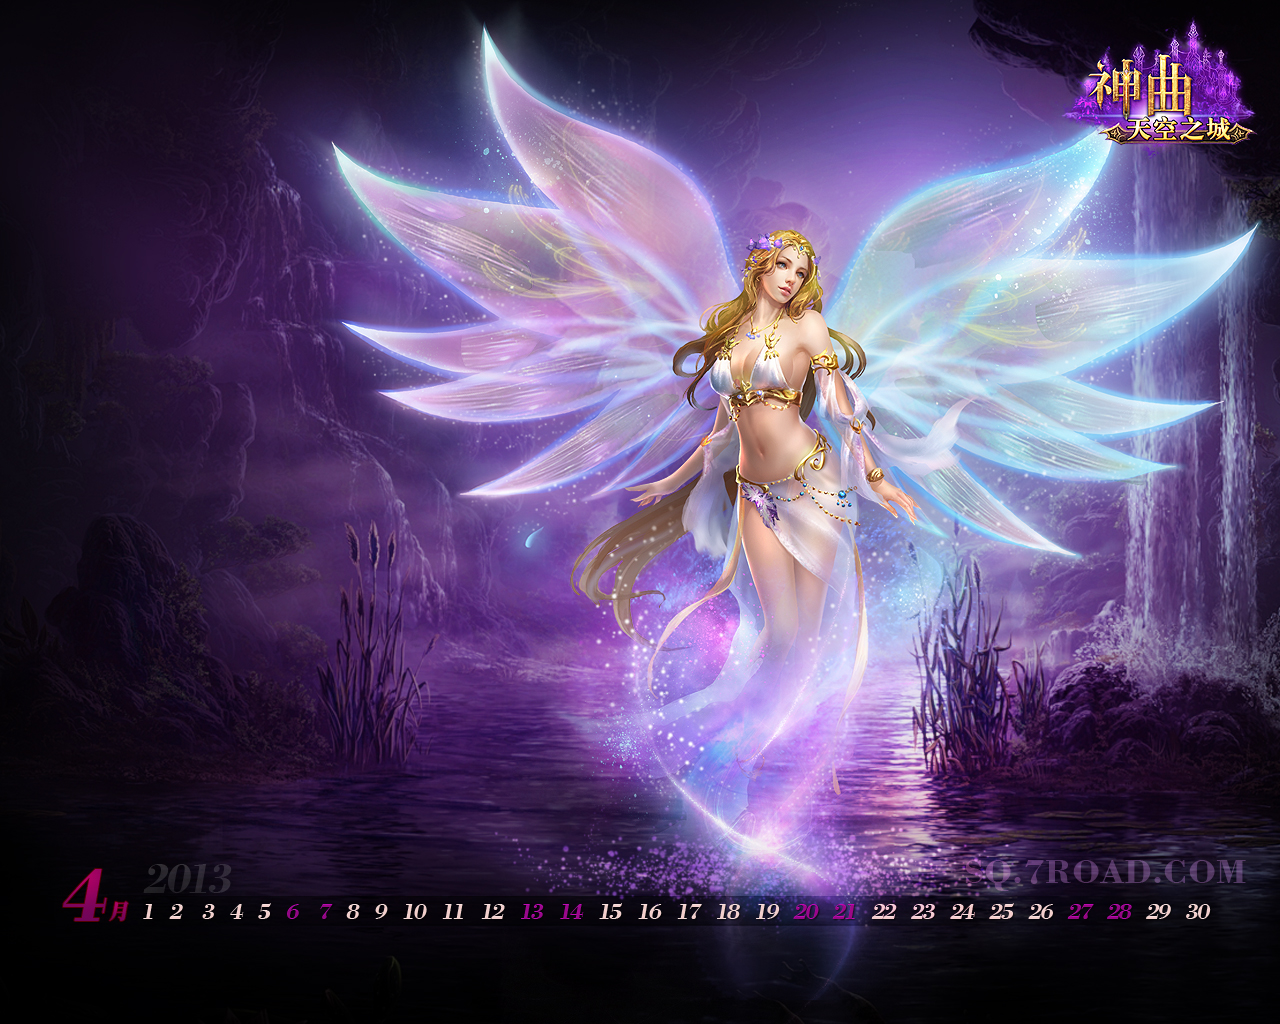 Tuyển tập một số hình nền đẹp của Thần Khúc - Ảnh 3